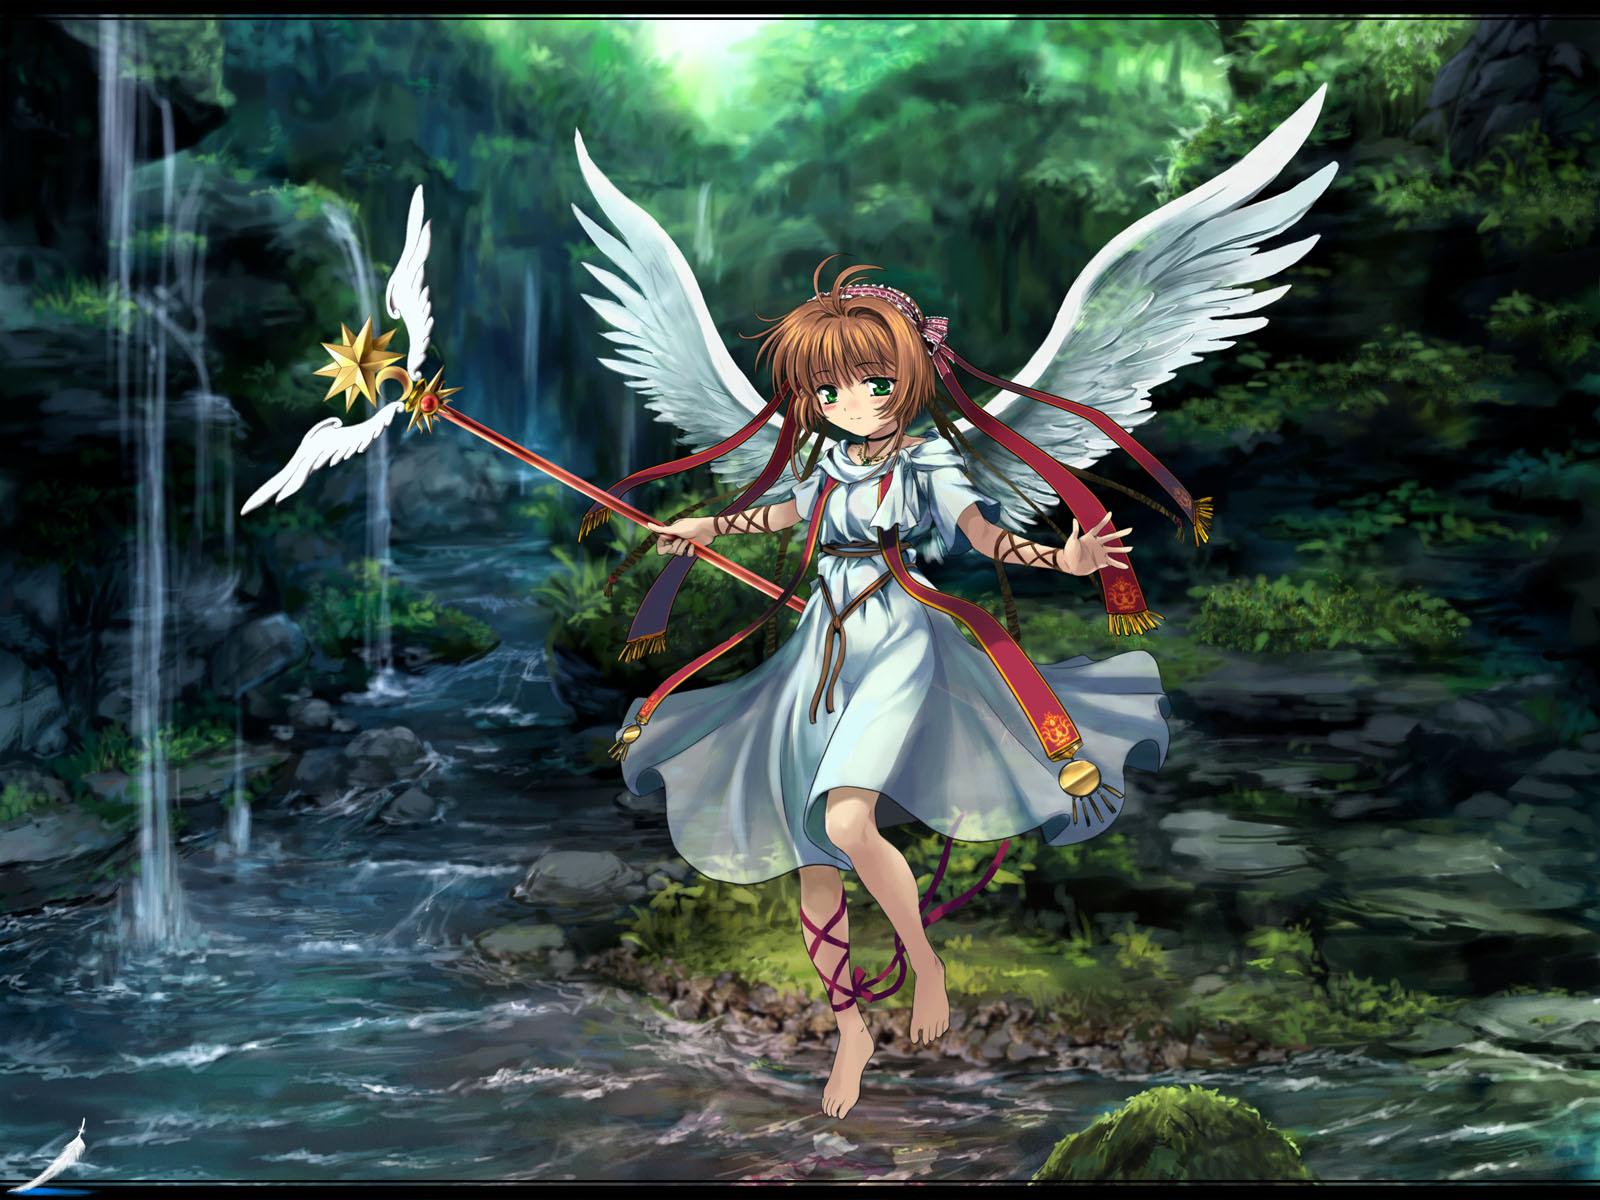 card_captor_sakura kinomoto_sakura wings